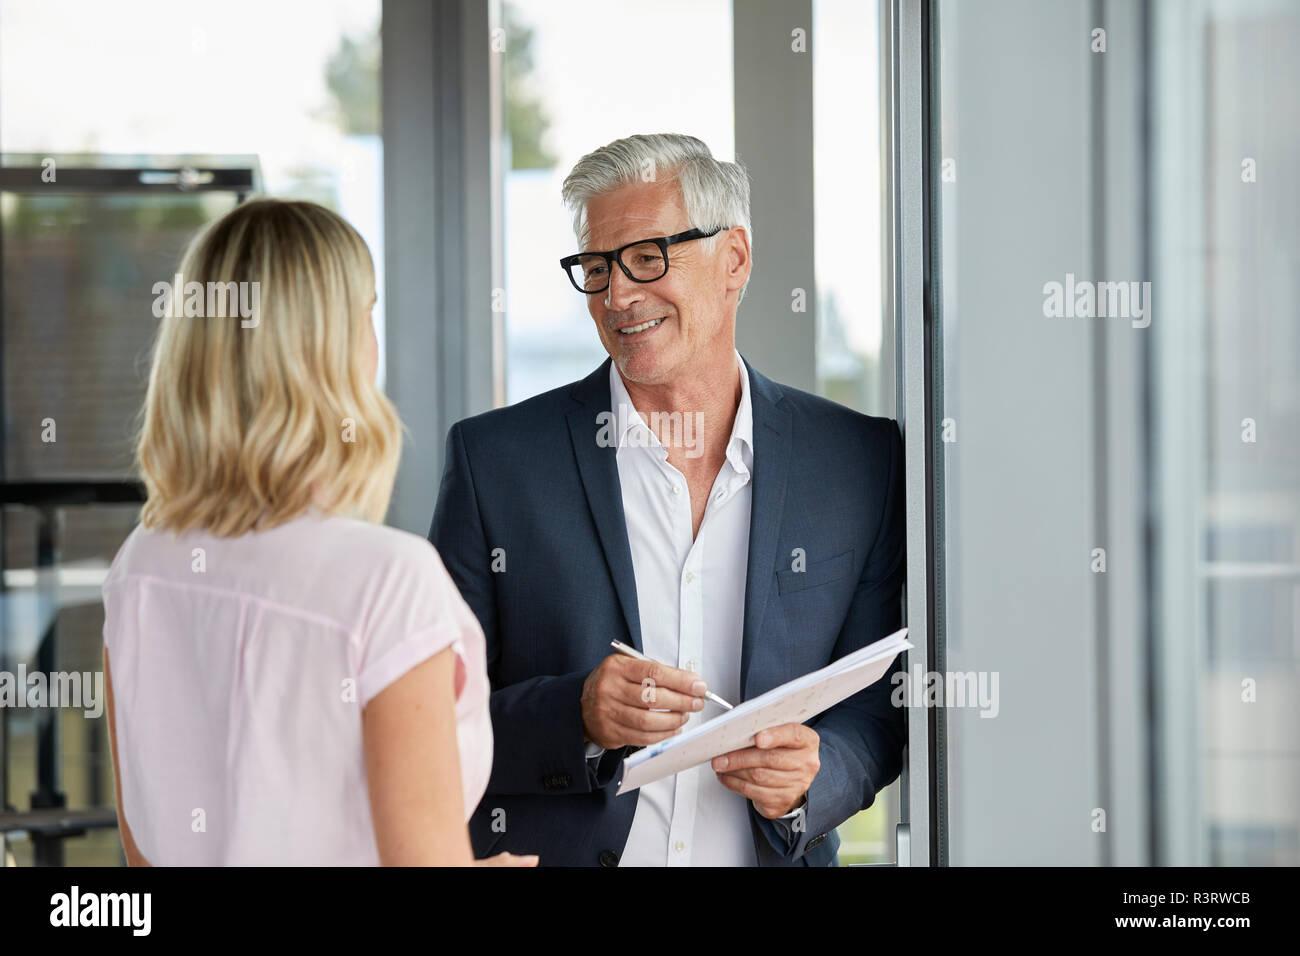 Kaufmann und Frau im Büro, diskutieren, halten Dokumente Stockfoto